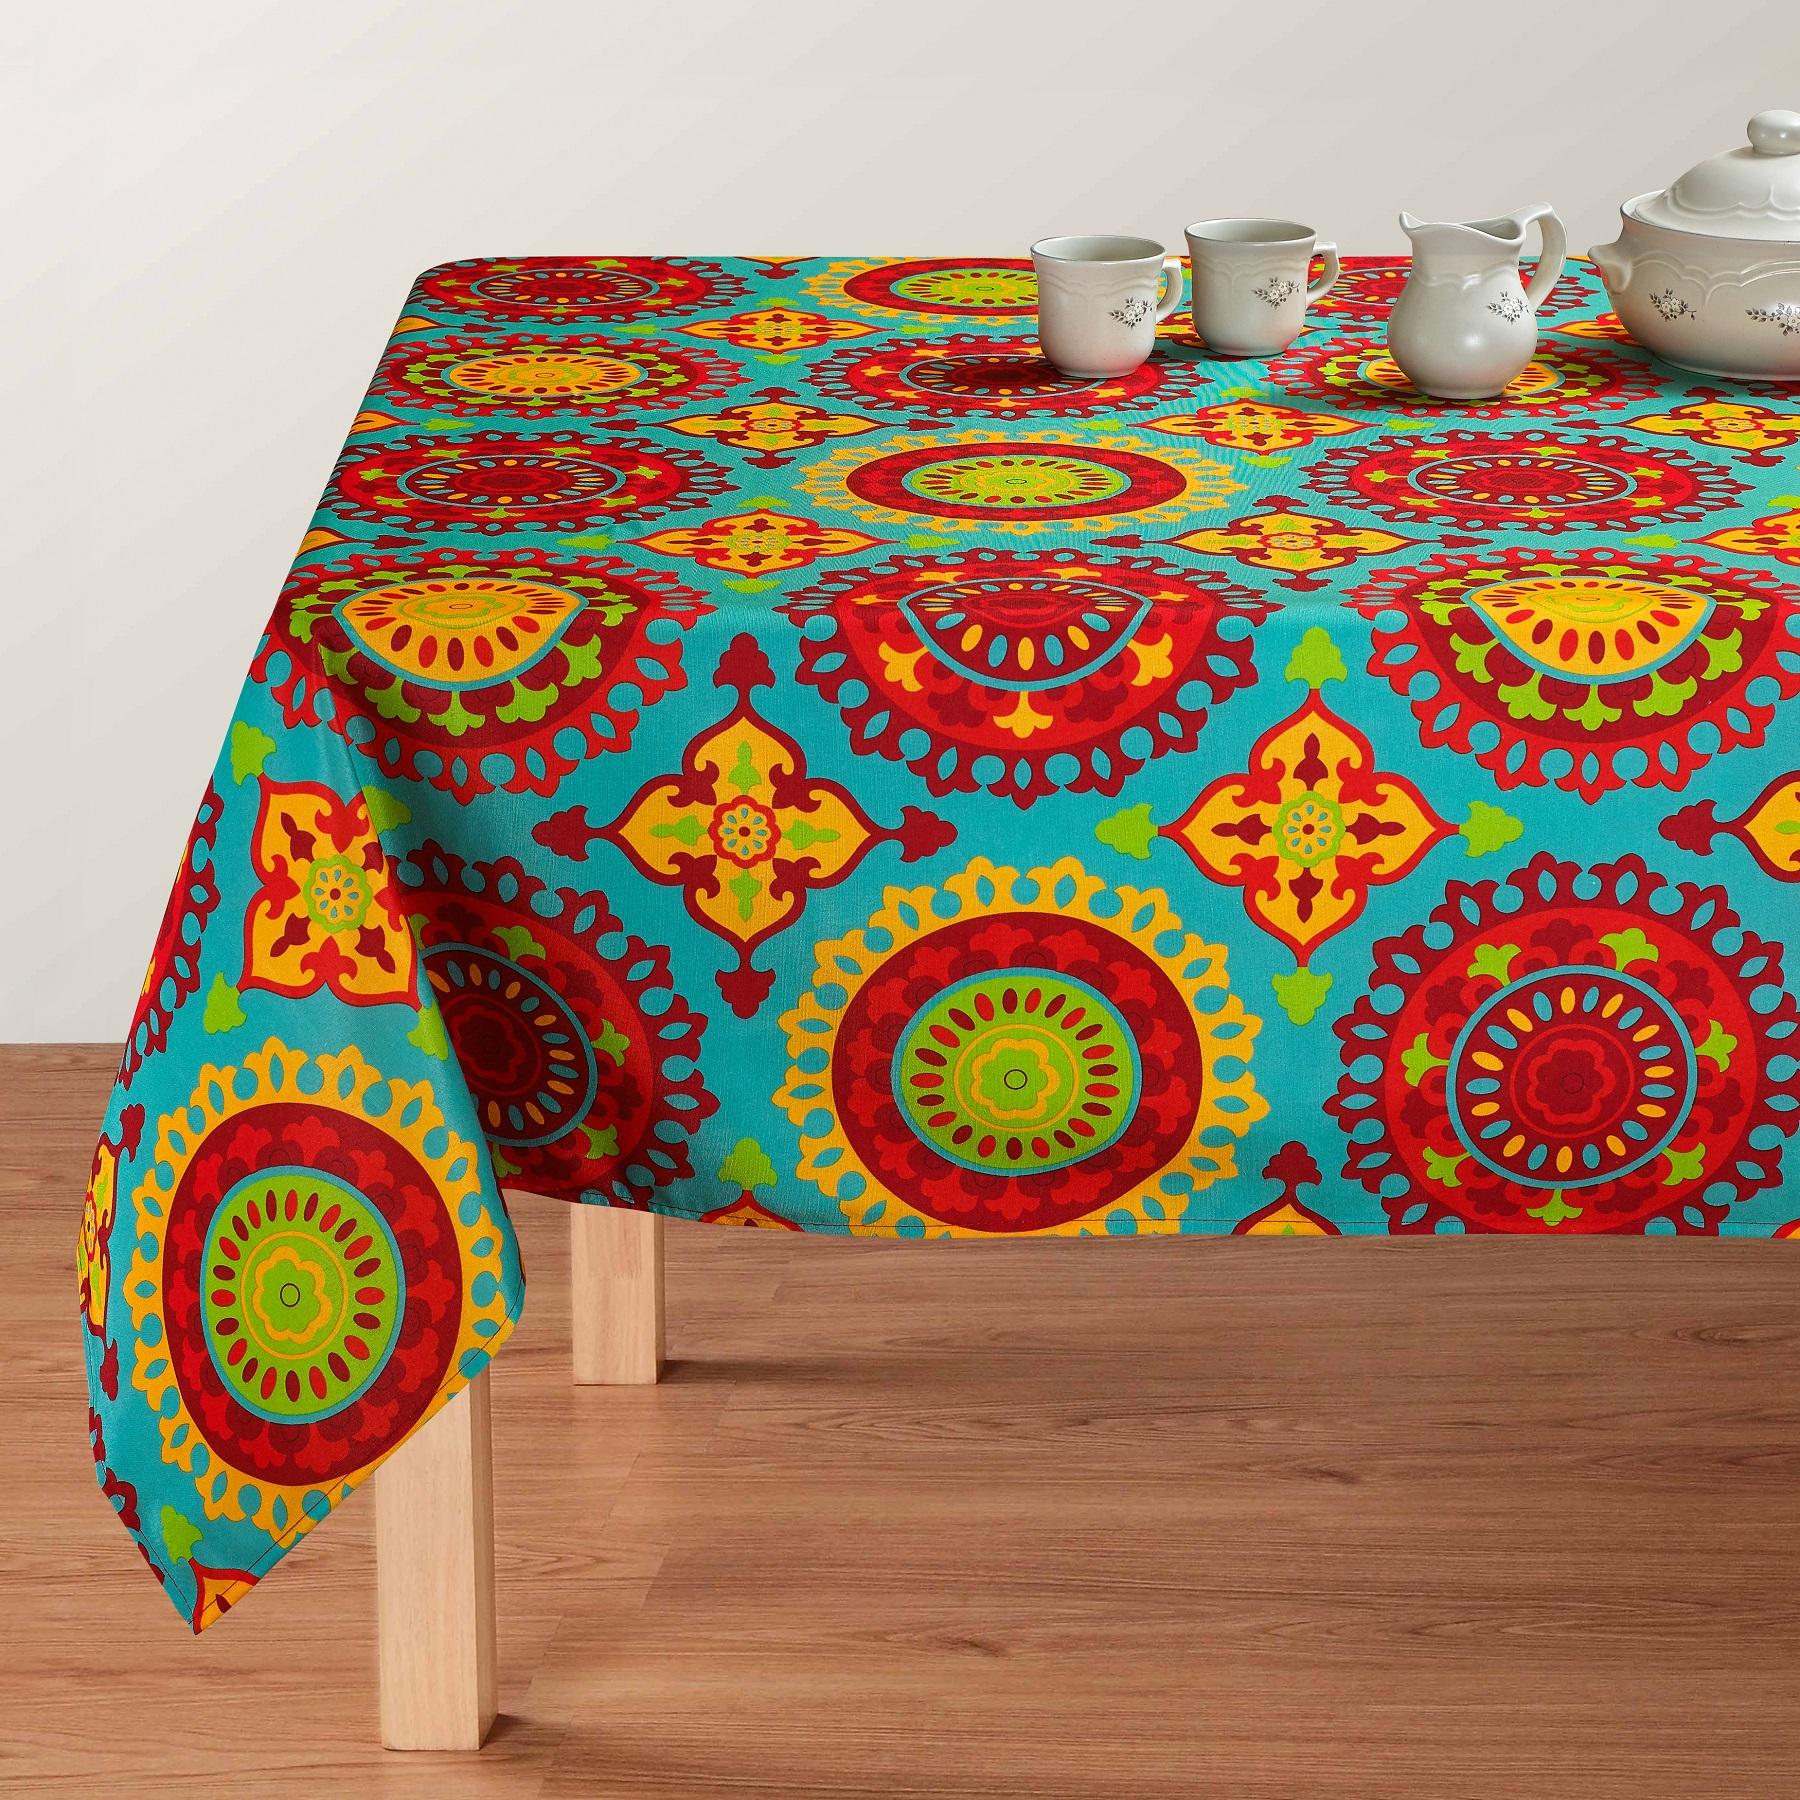 Marrakesh Indoor Outdoor Tablecloth, Liquid Repellent/Stain ...